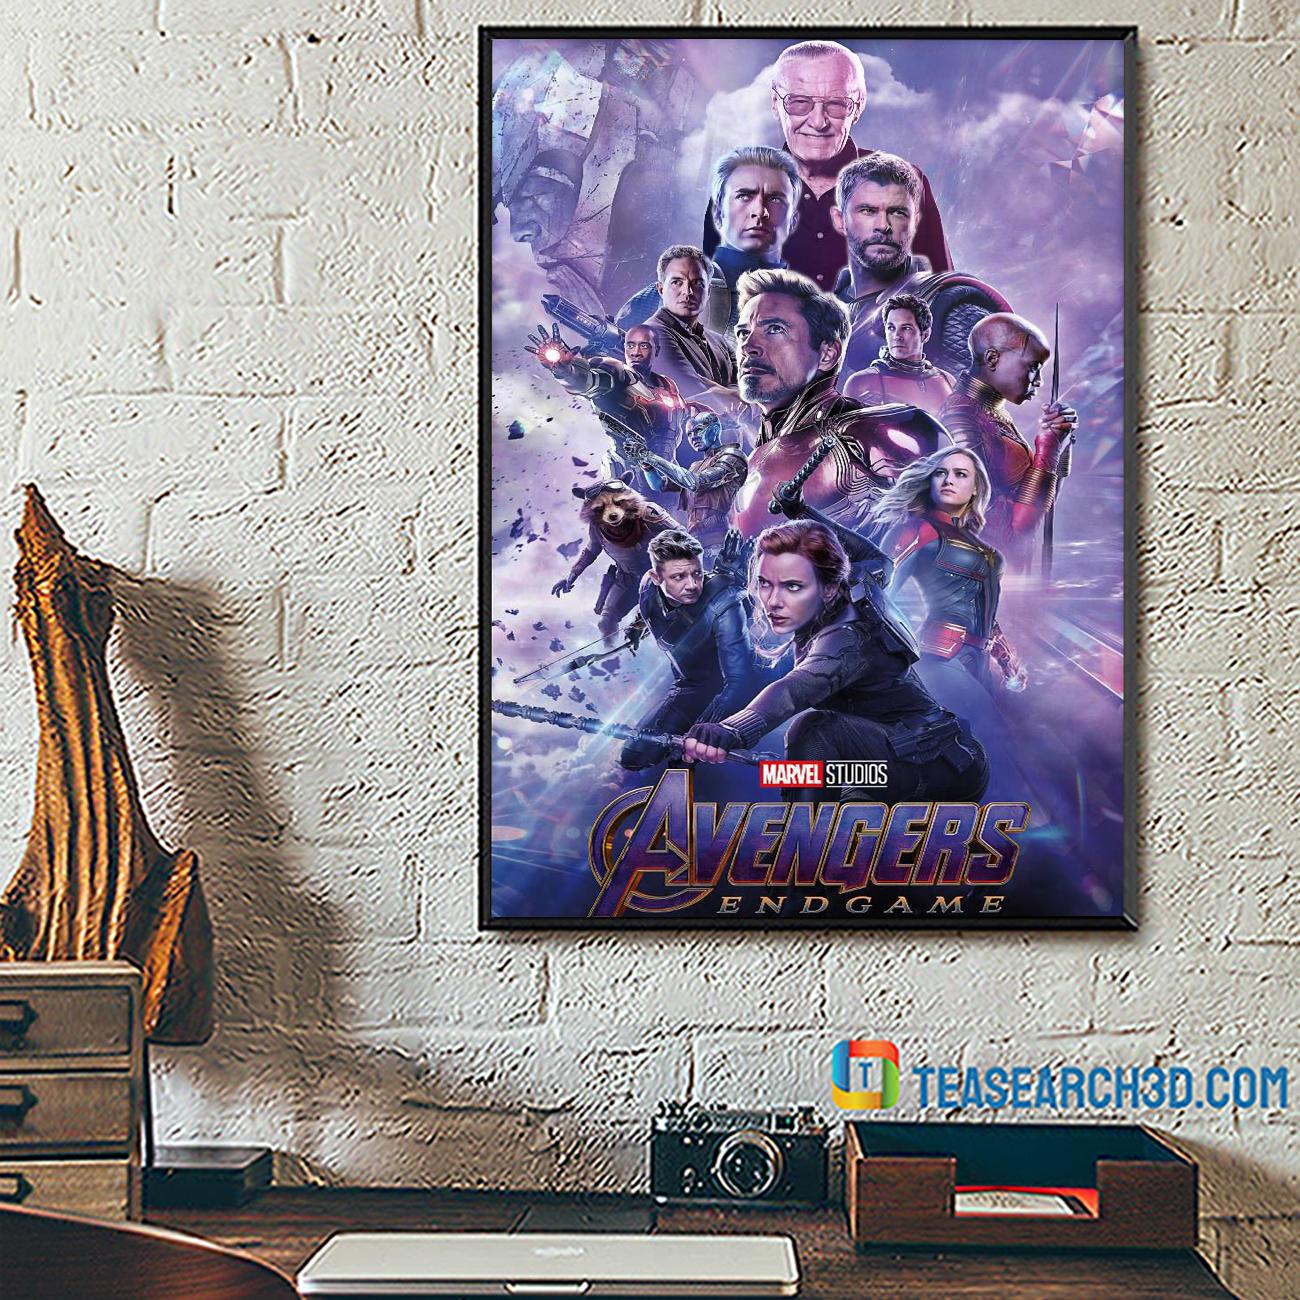 Avengers endgame marvel studio poster A2